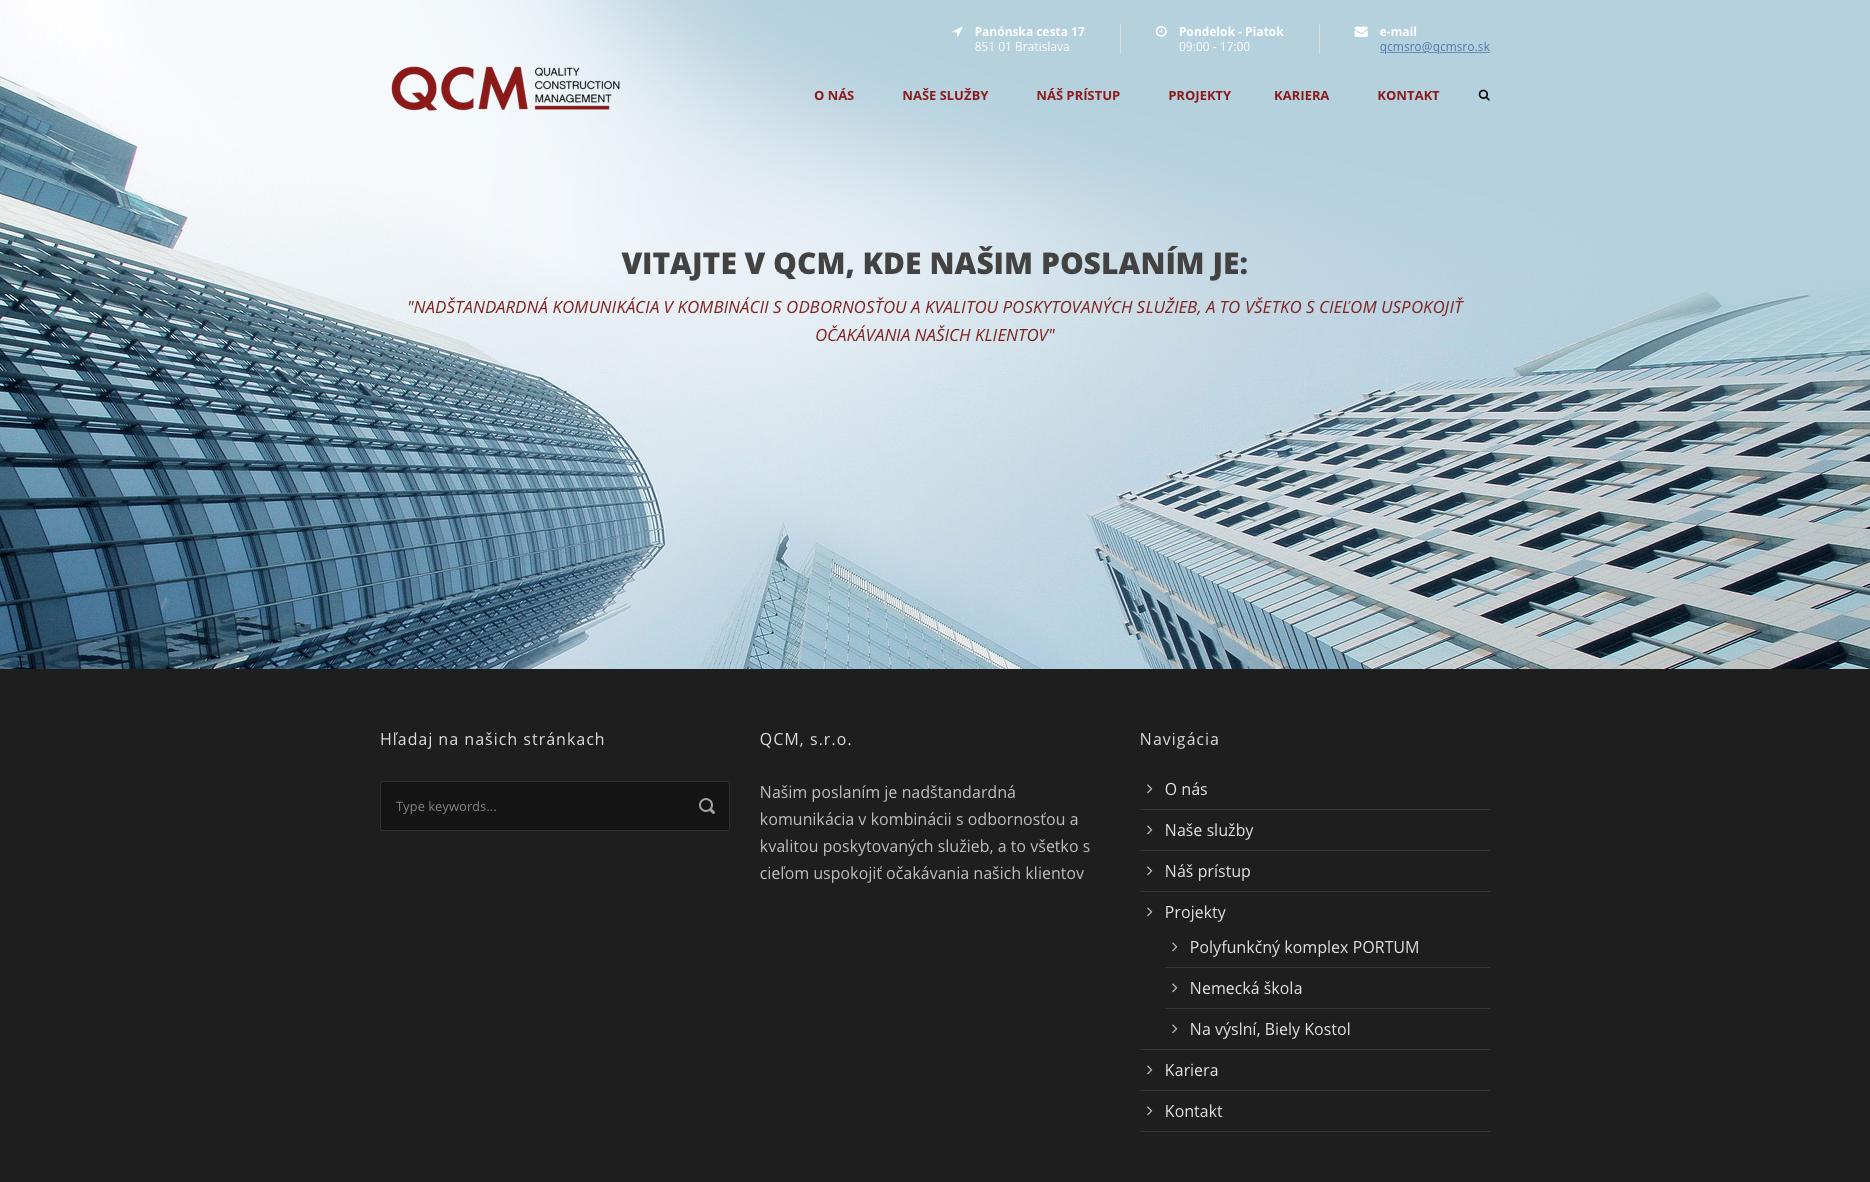 qcmsro.sk